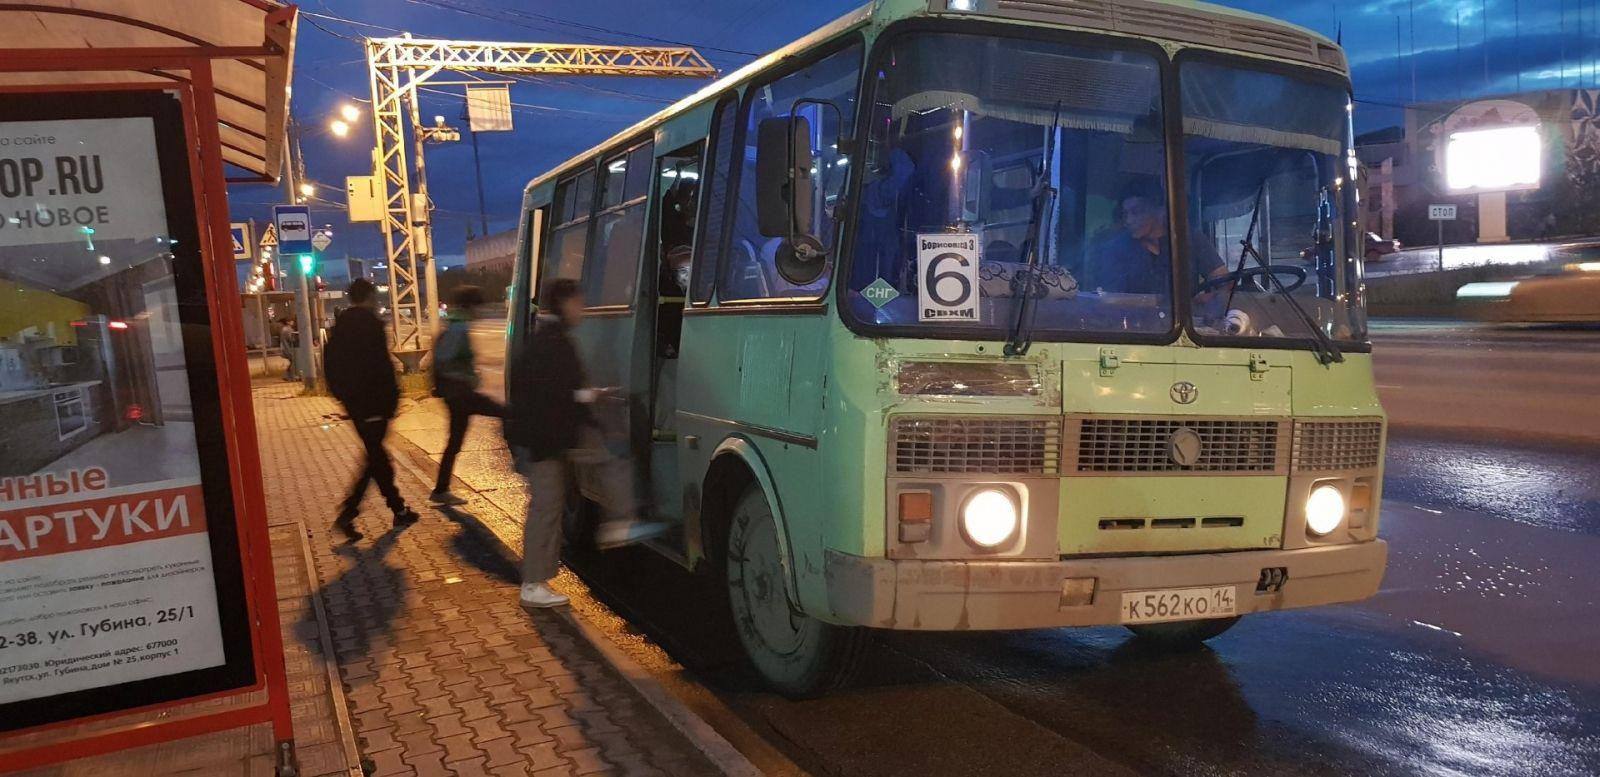 В Якутске изменили схему движения автобусного маршрута №6